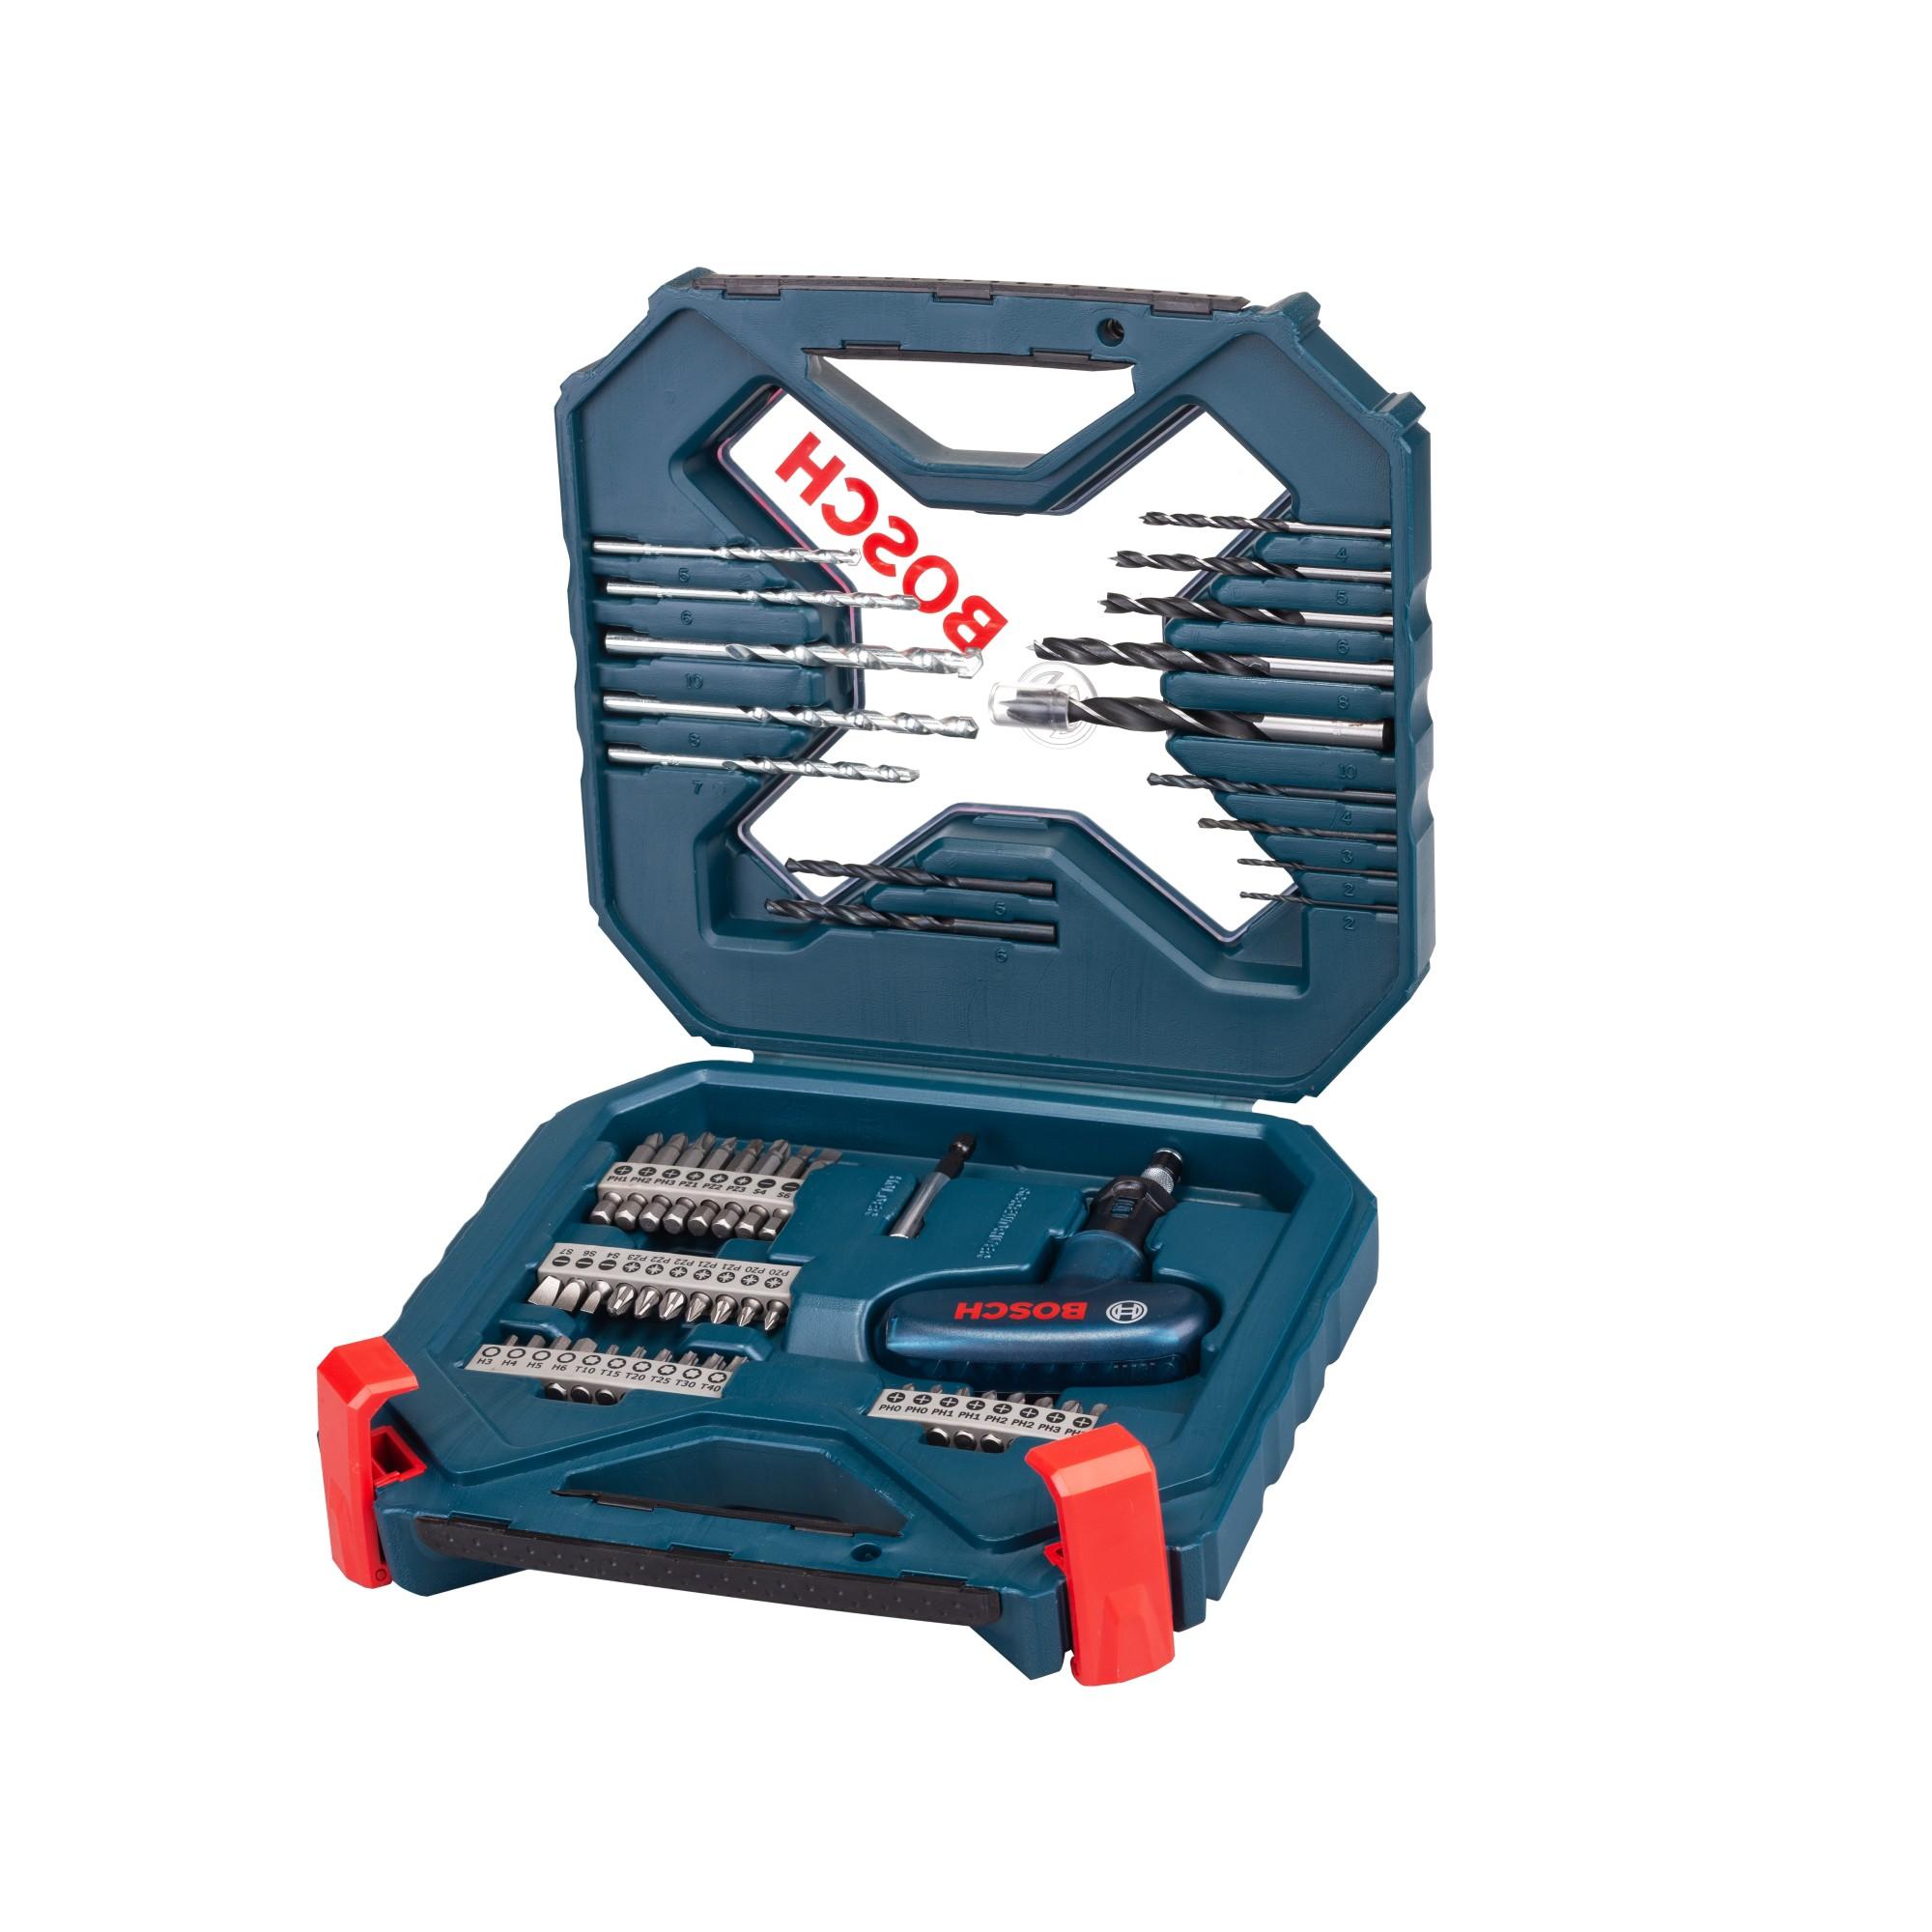 Jogo de Acessorio XLINE Titanio 54 Pecas 2607017507 - Bosch